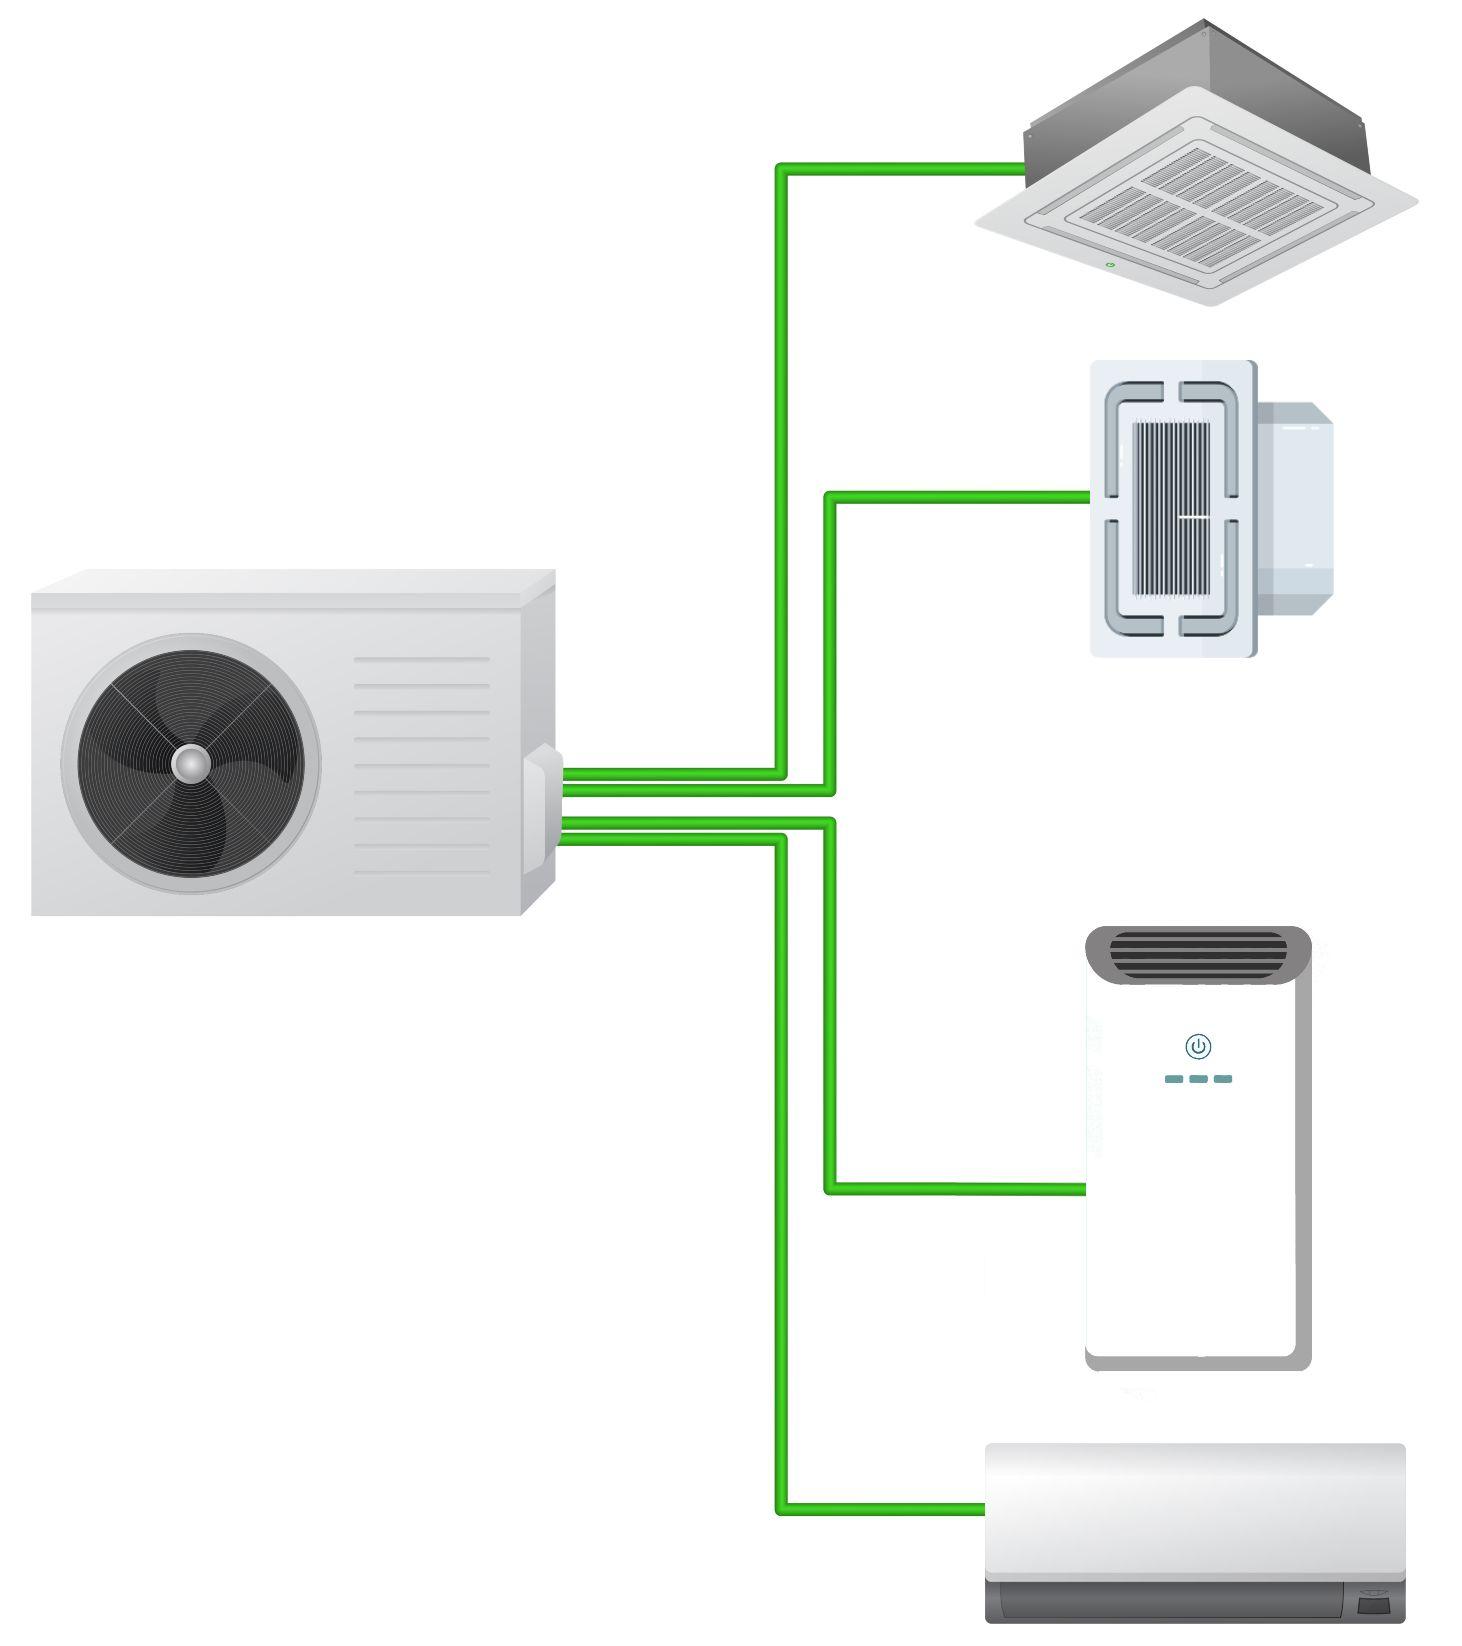 schéma avec différents émetteurs de climatisation